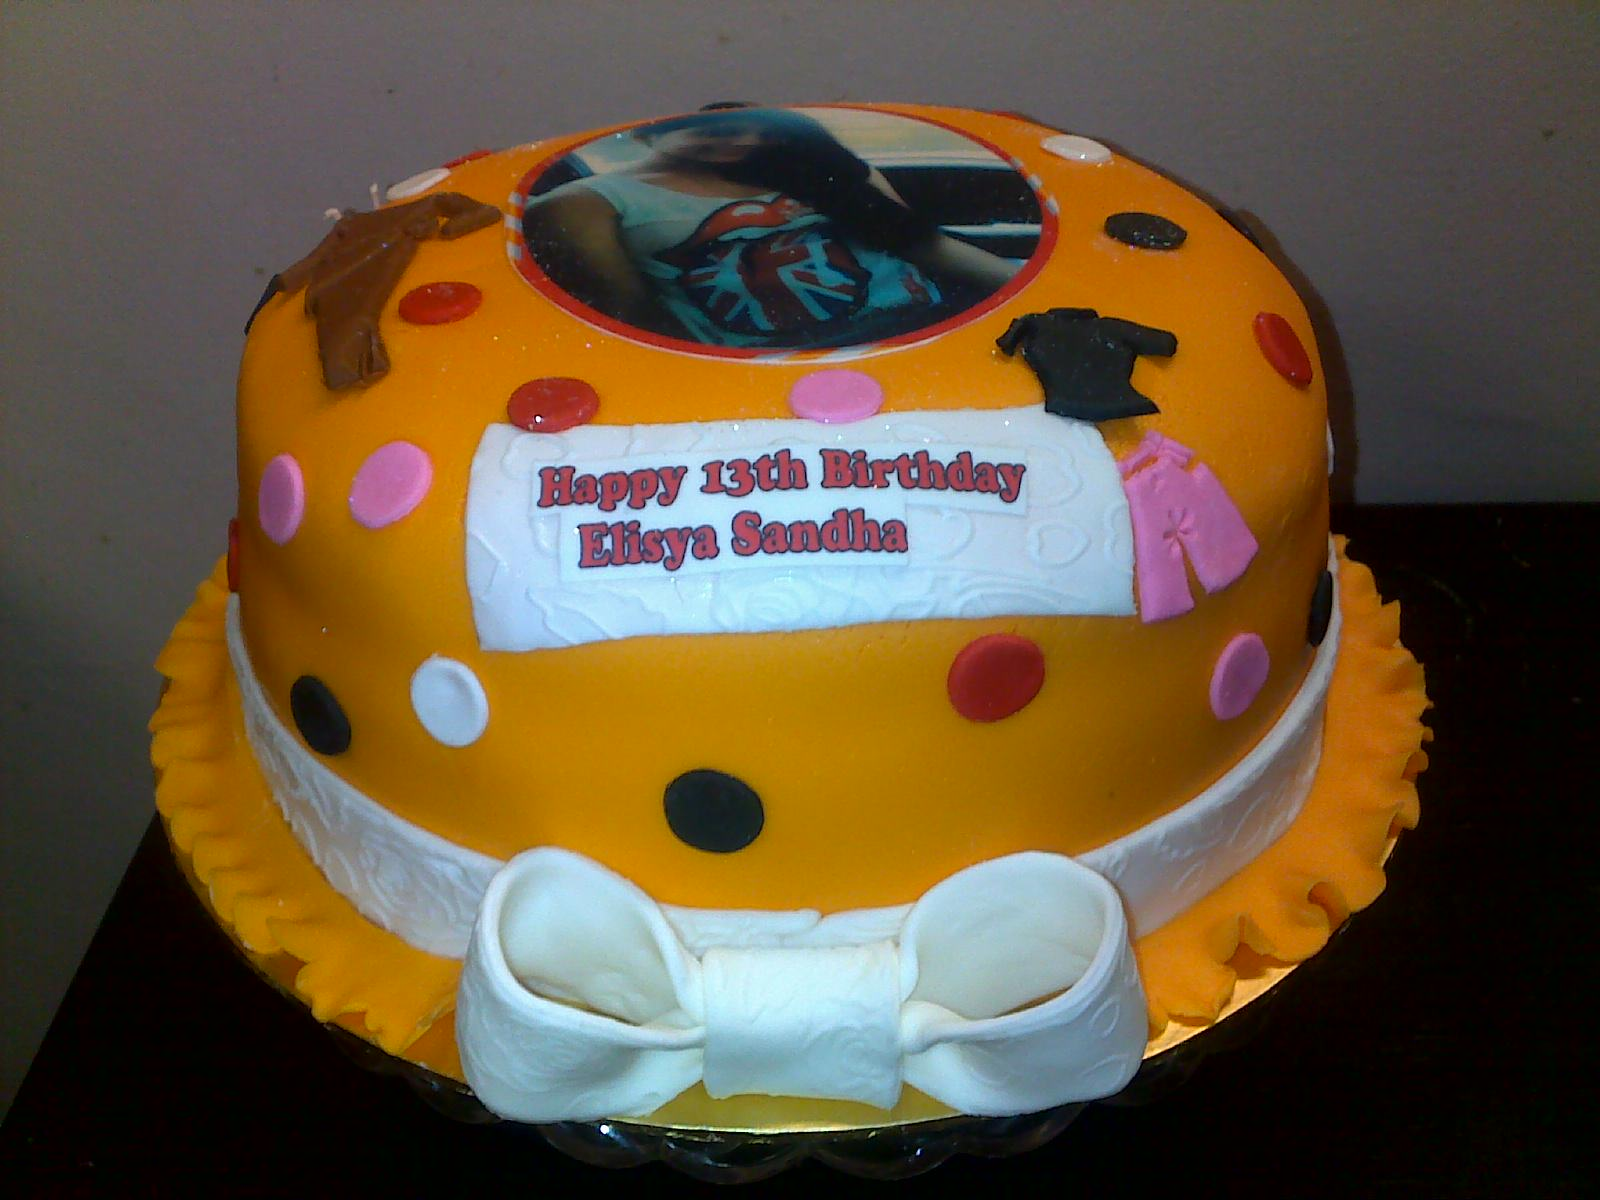 Cupcakes At Putrajaya Birthday Cake Order From Fasha Sandha